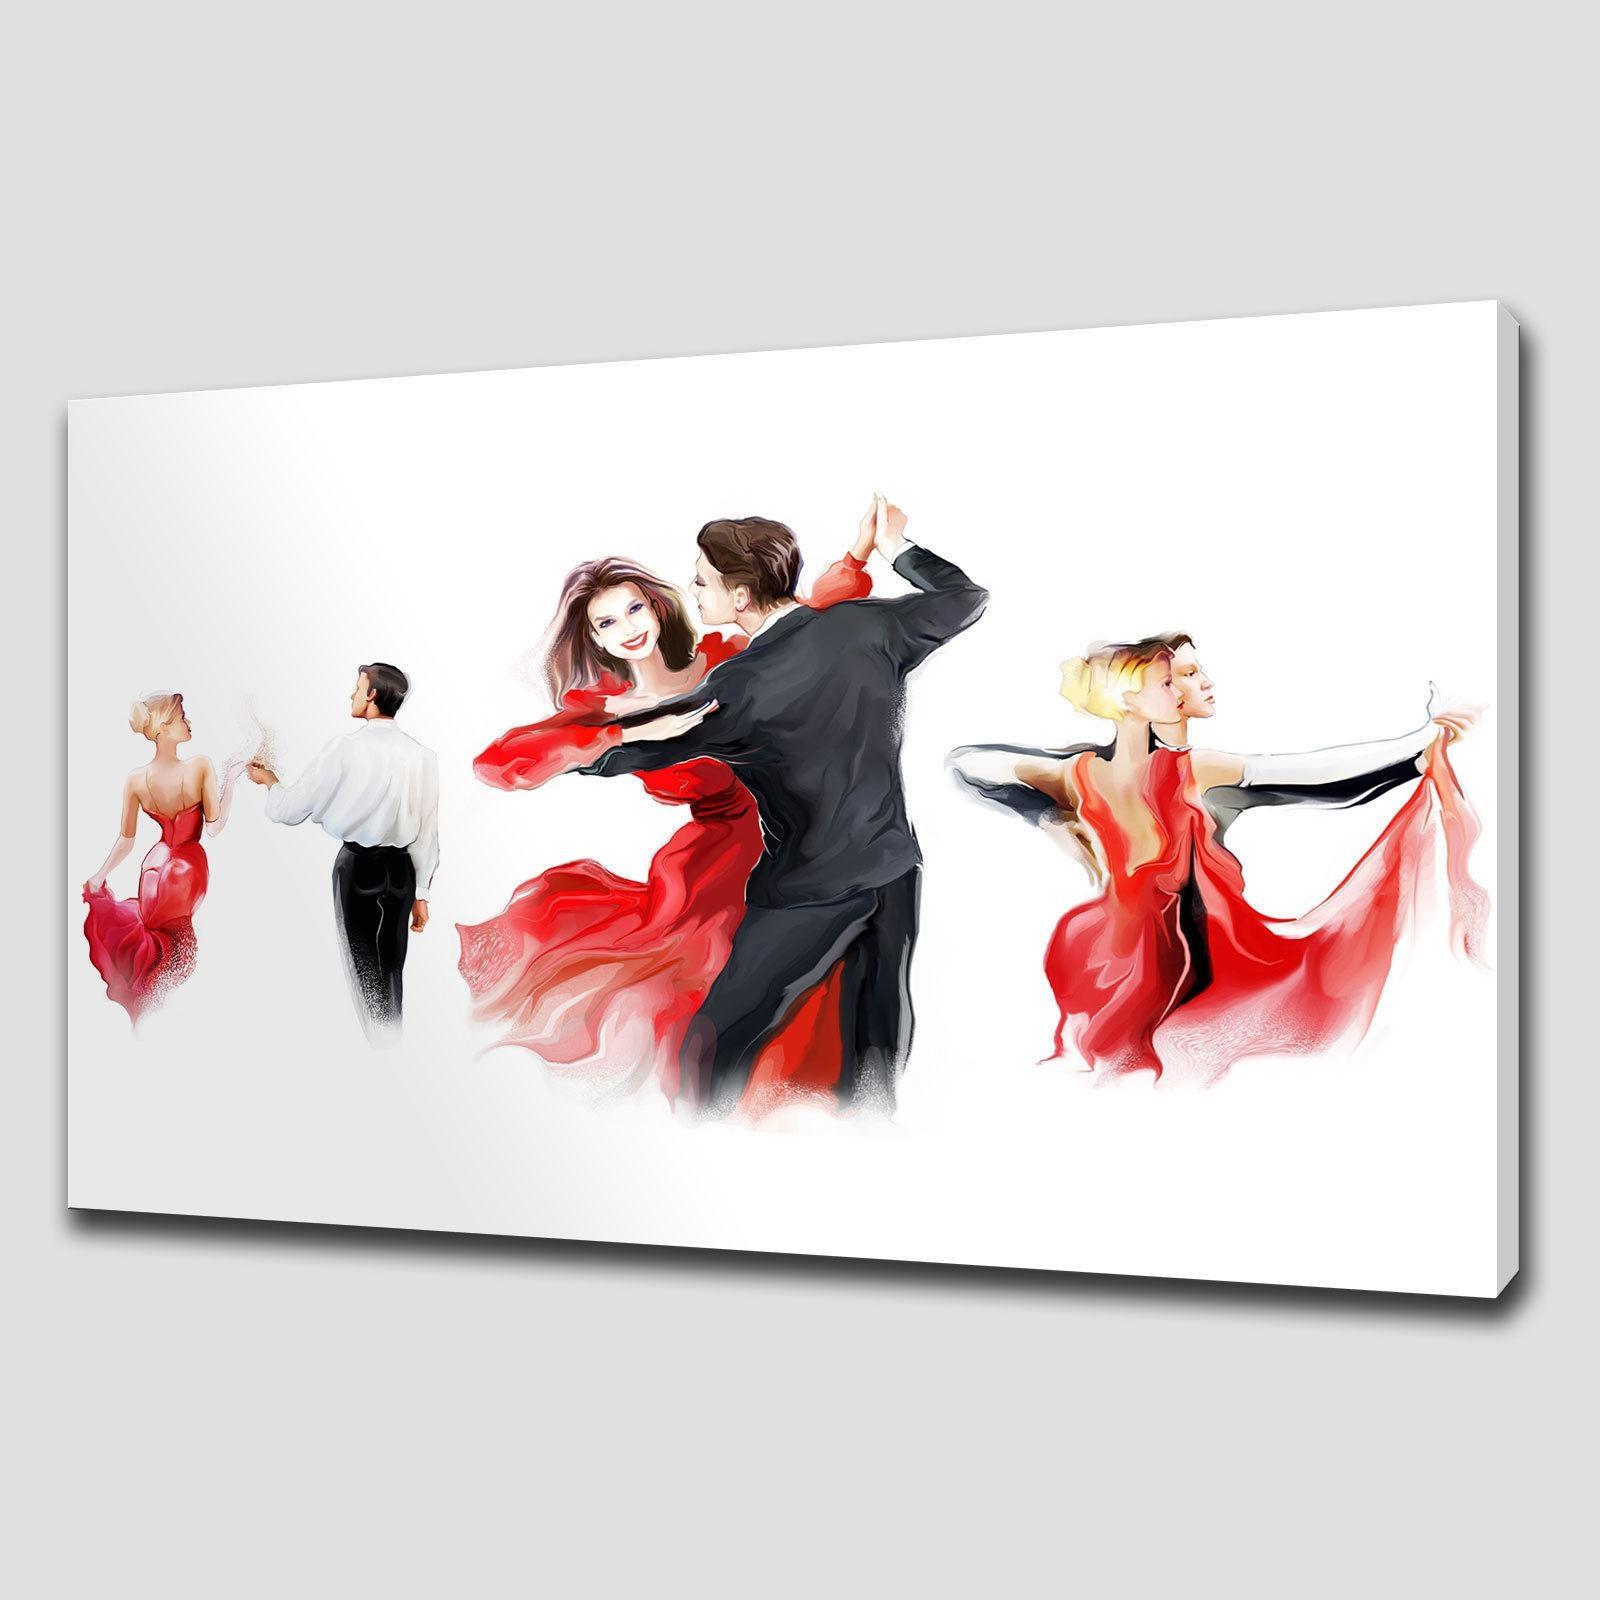 Large Canvas Wall Art Regarding Steve Mcqueen Wall Art (Image 8 of 20)